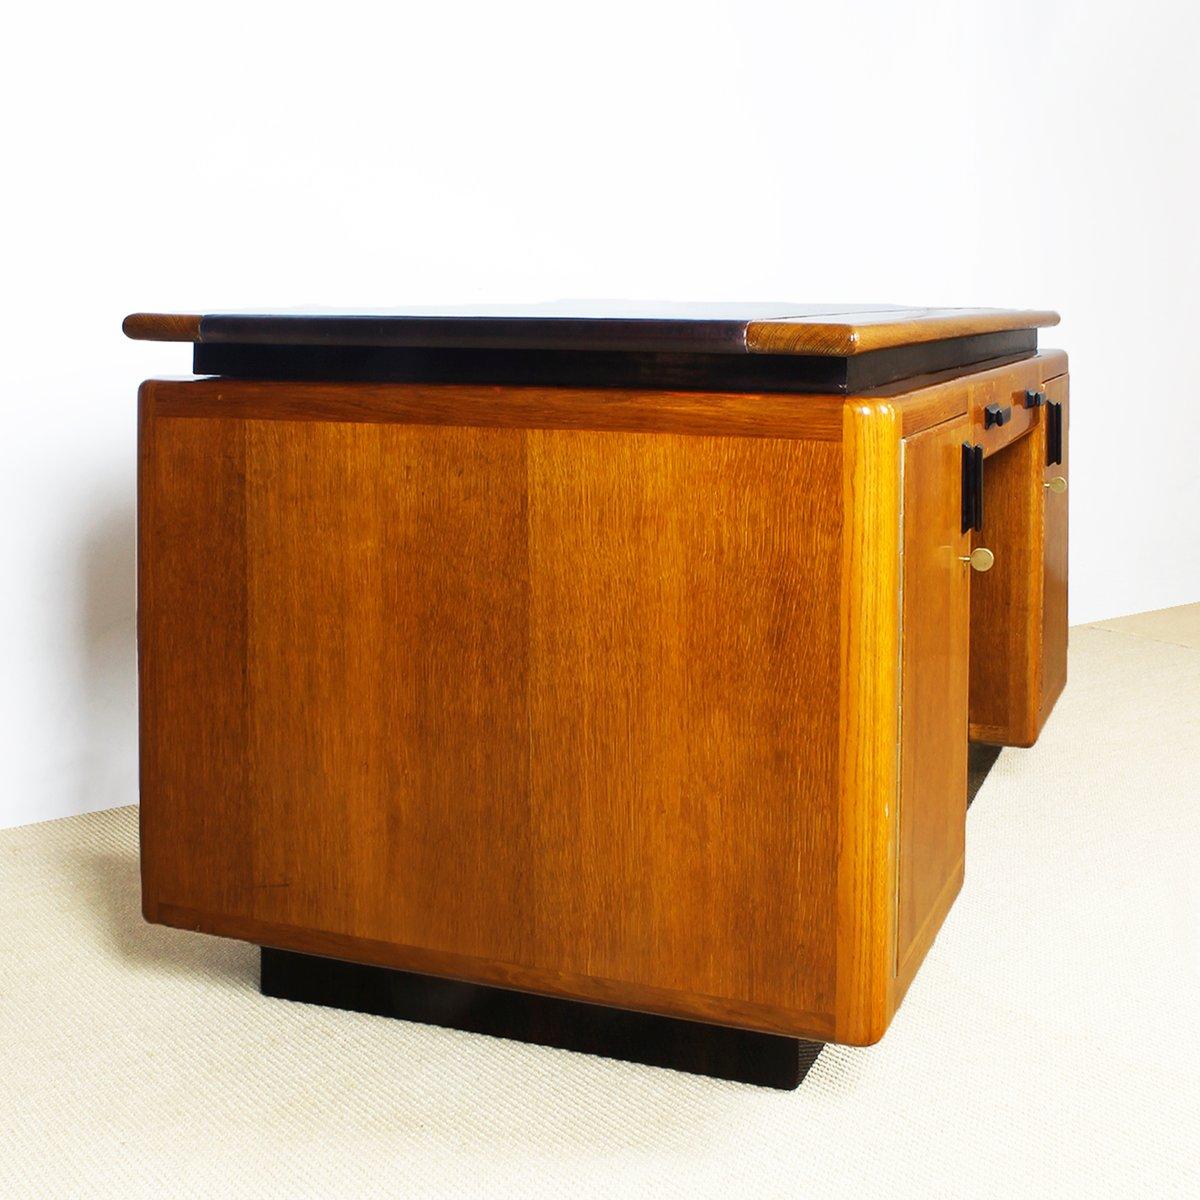 Tisch schule  Amsterdamer Schule Eichenholz Tisch, 1920er bei Pamono kaufen